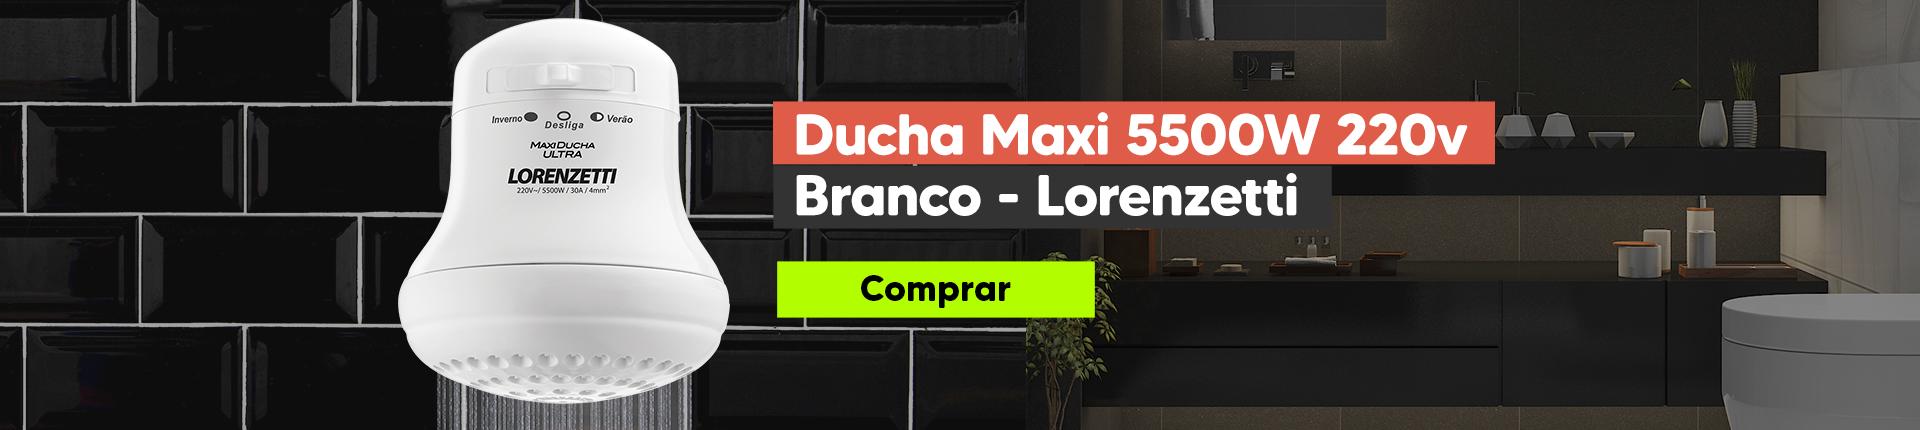 Ducha Maxi